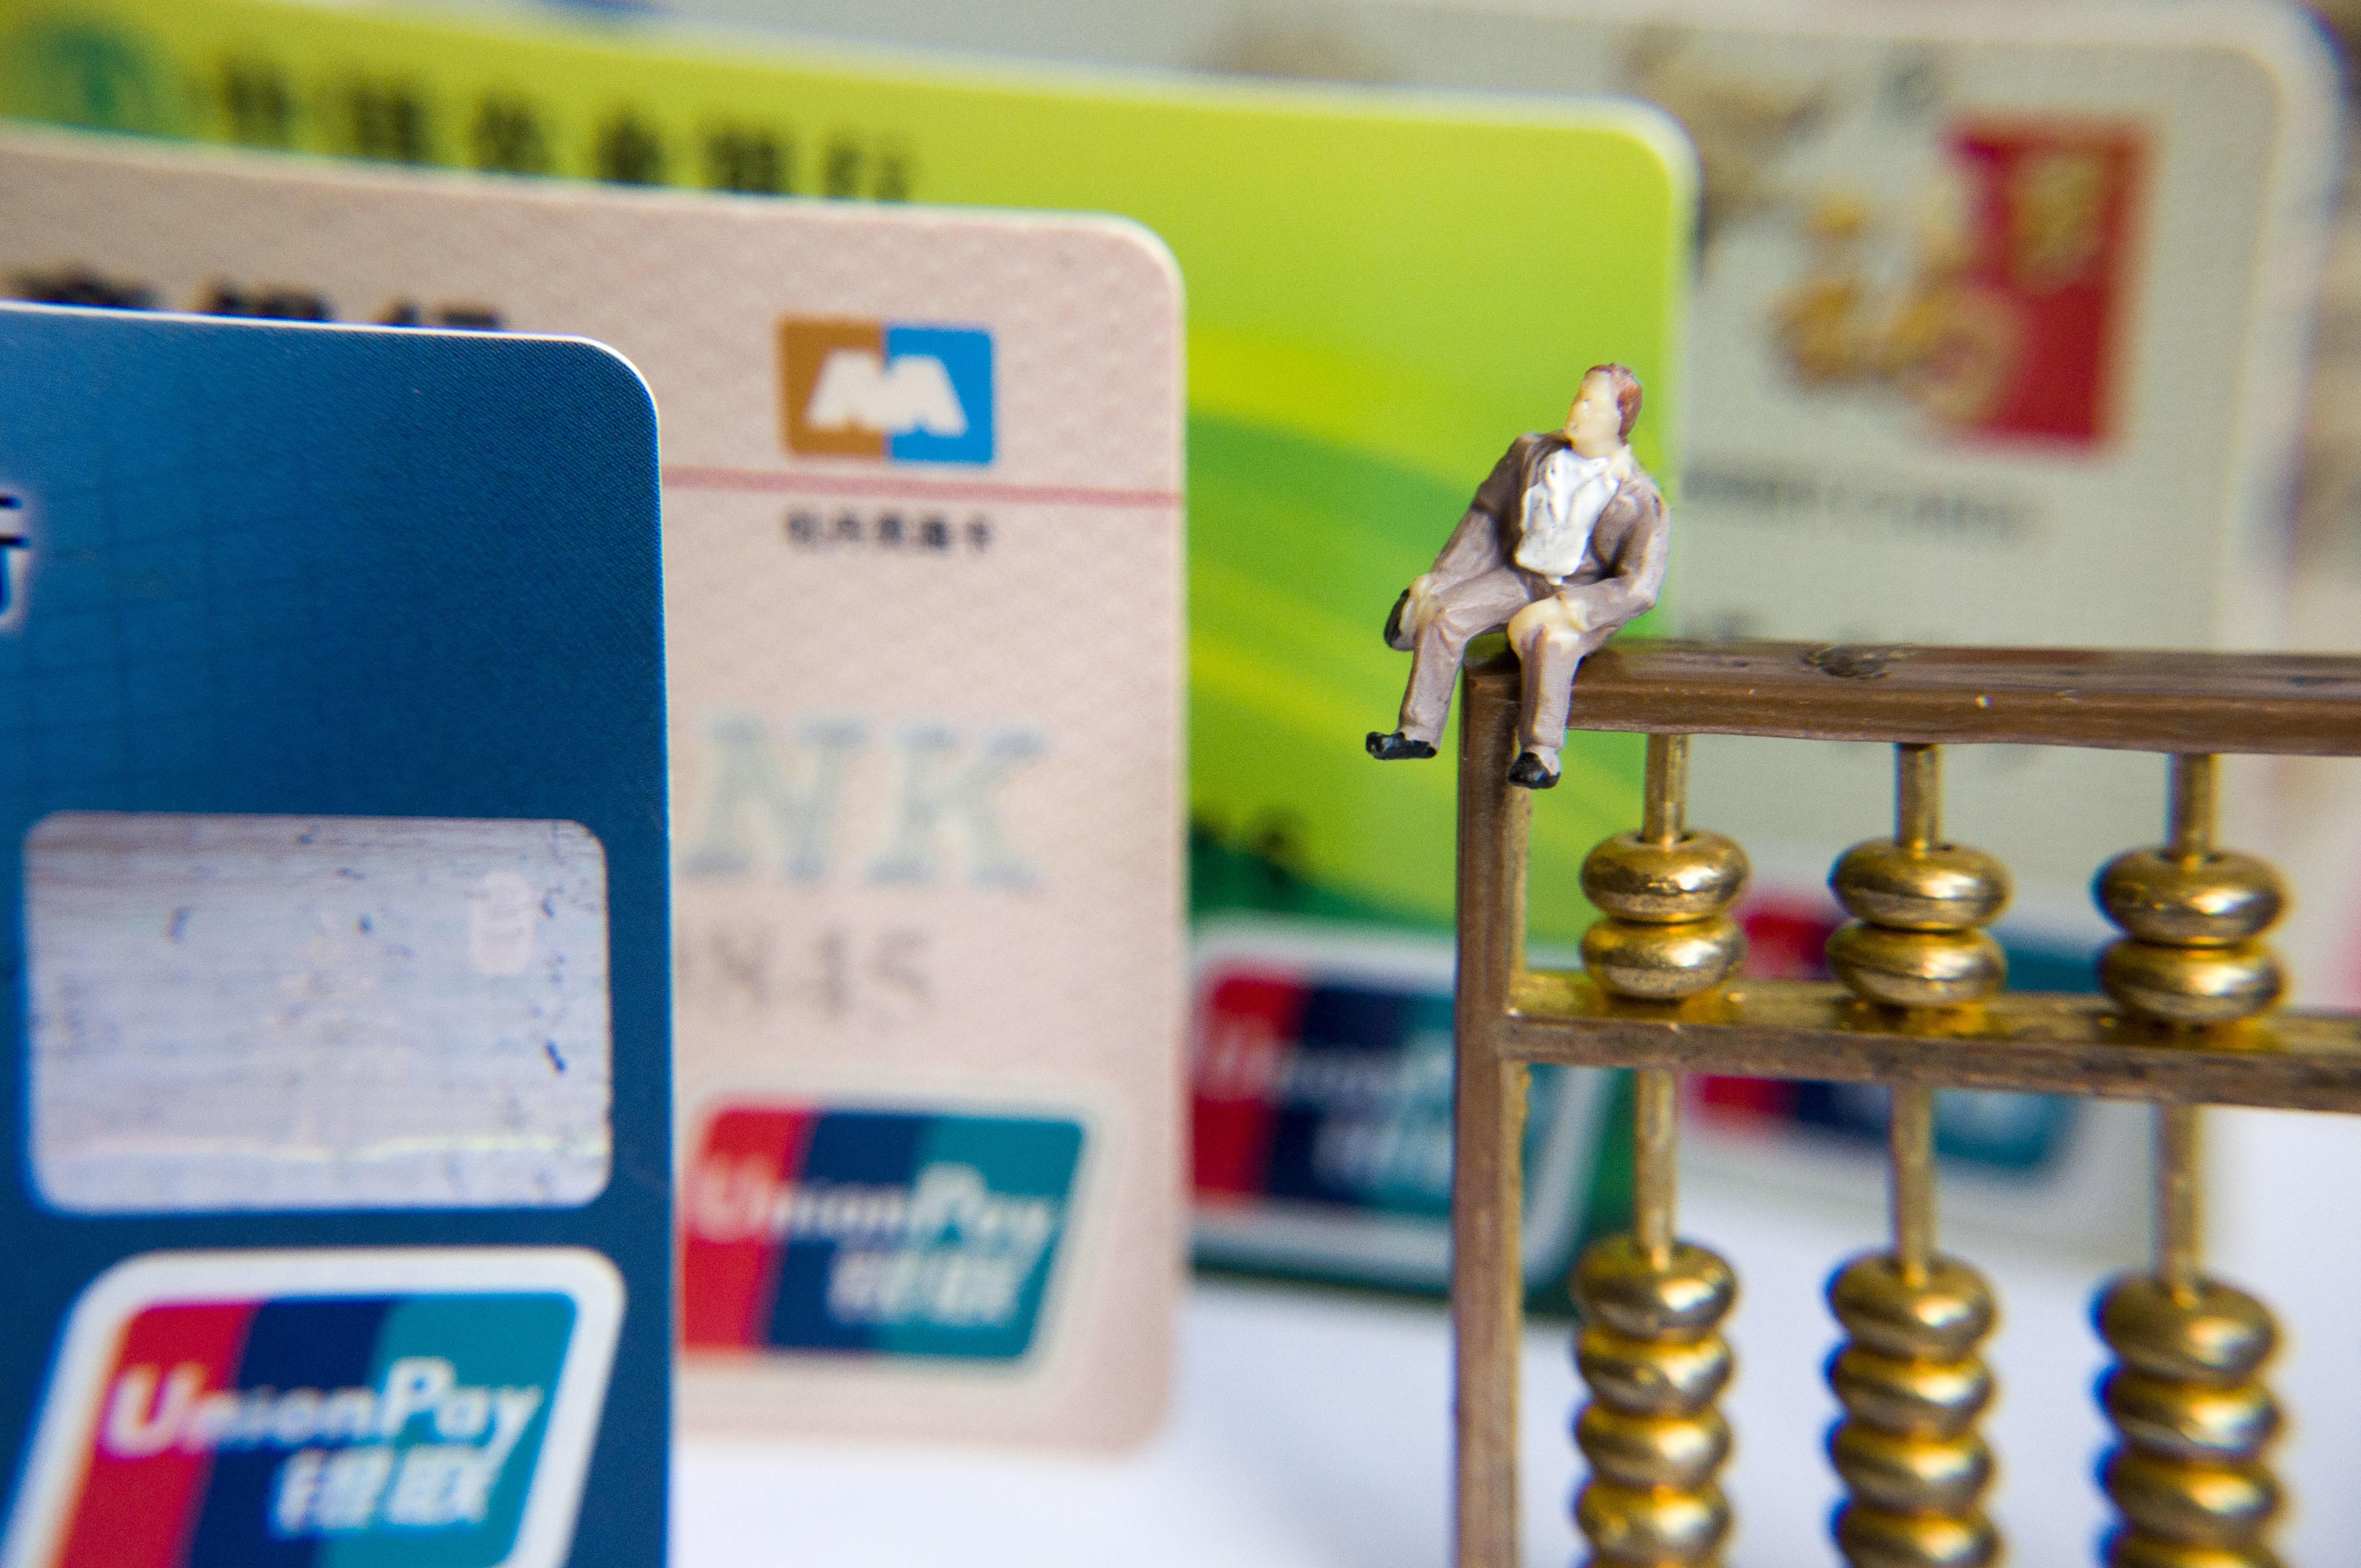 信用卡系统账单真的是对的吗?算算自己的分期实际年利率吧!